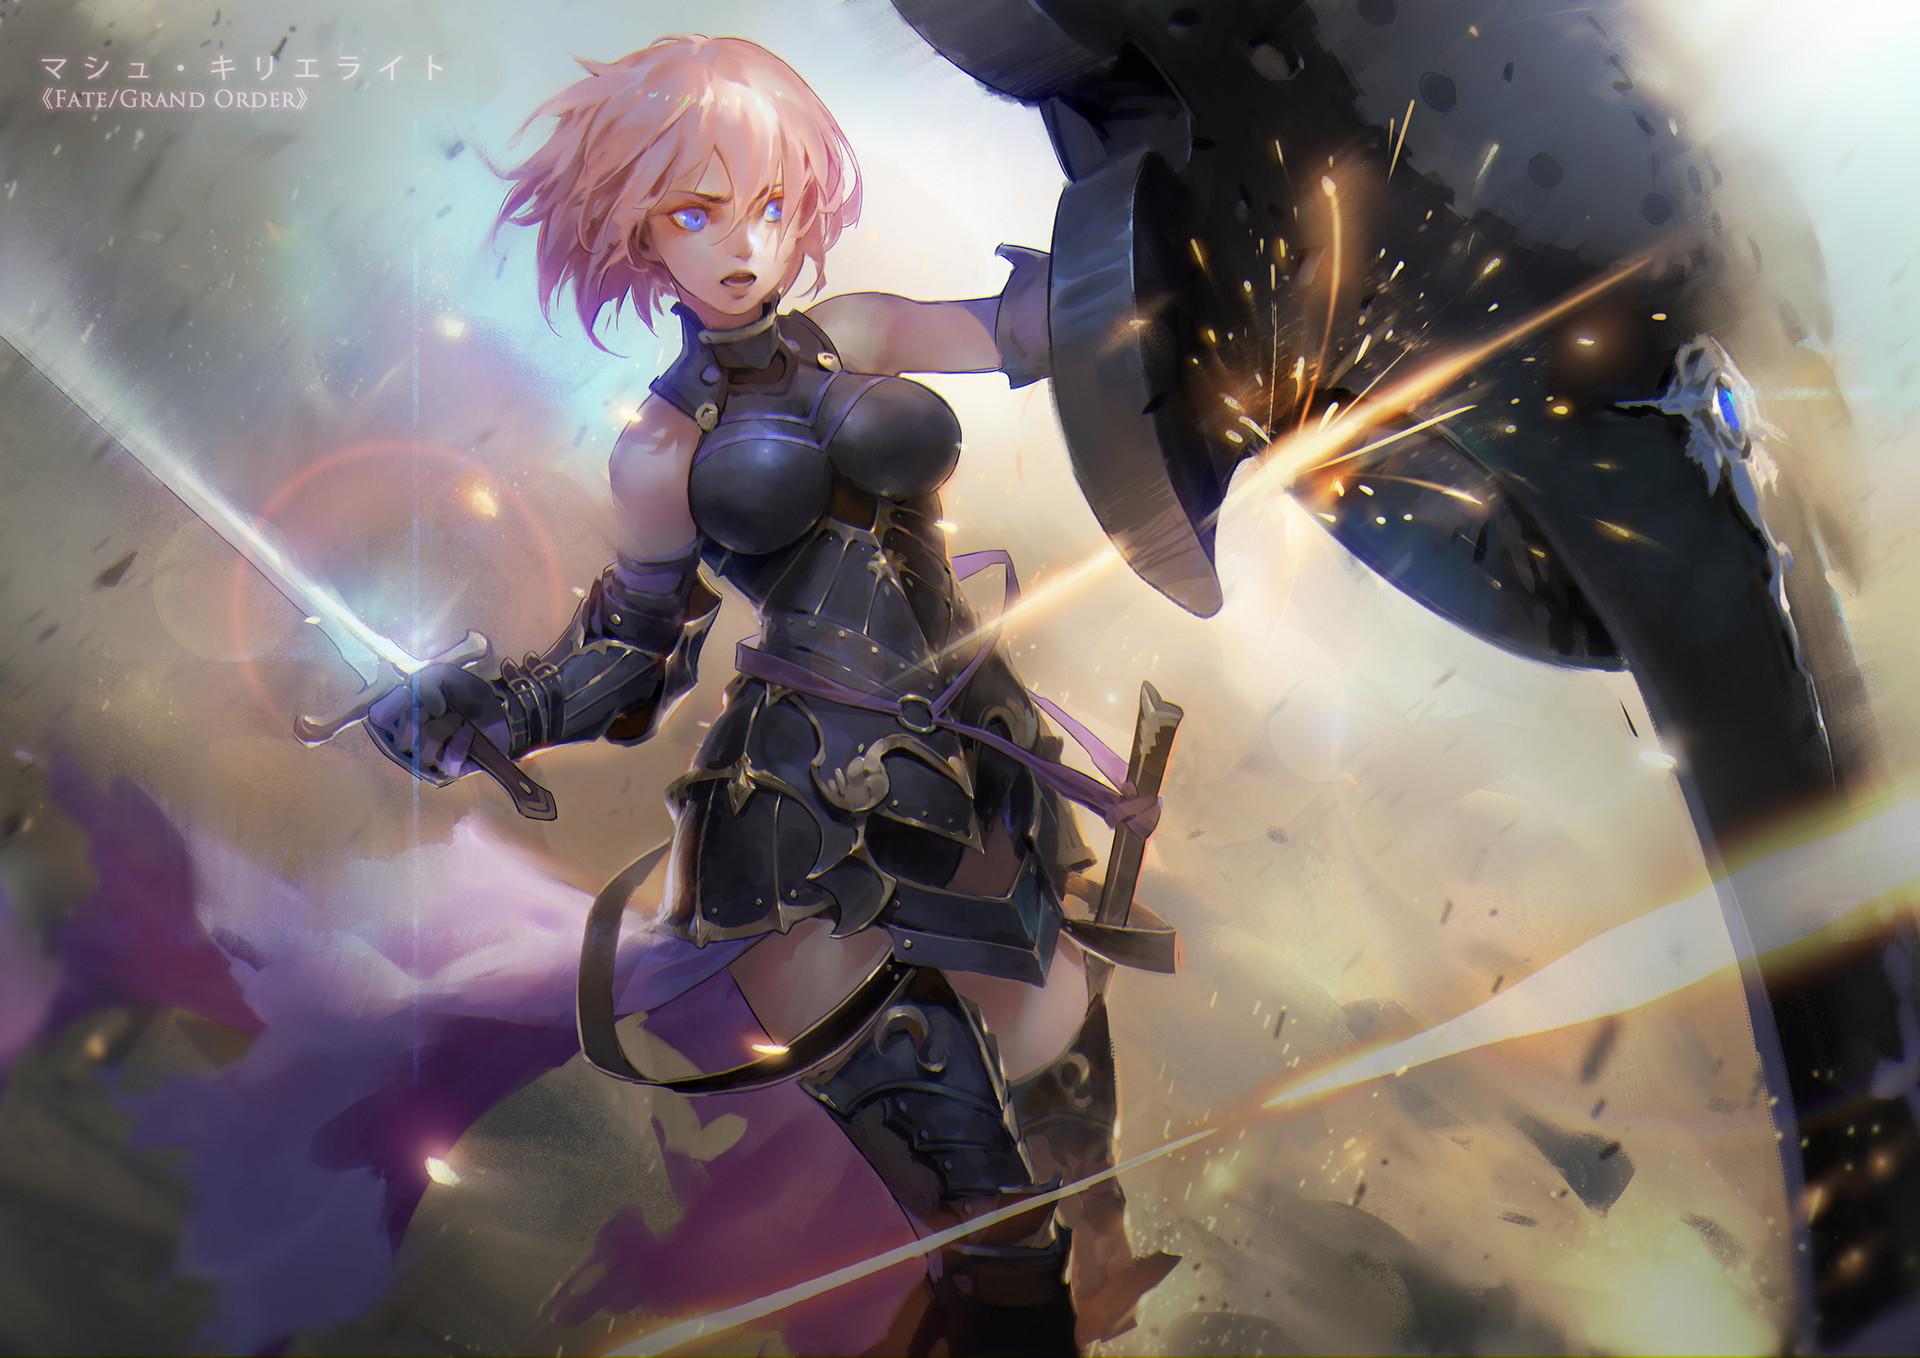 Wallpaper Shielder Fate Grand Order Shield Armor Magic